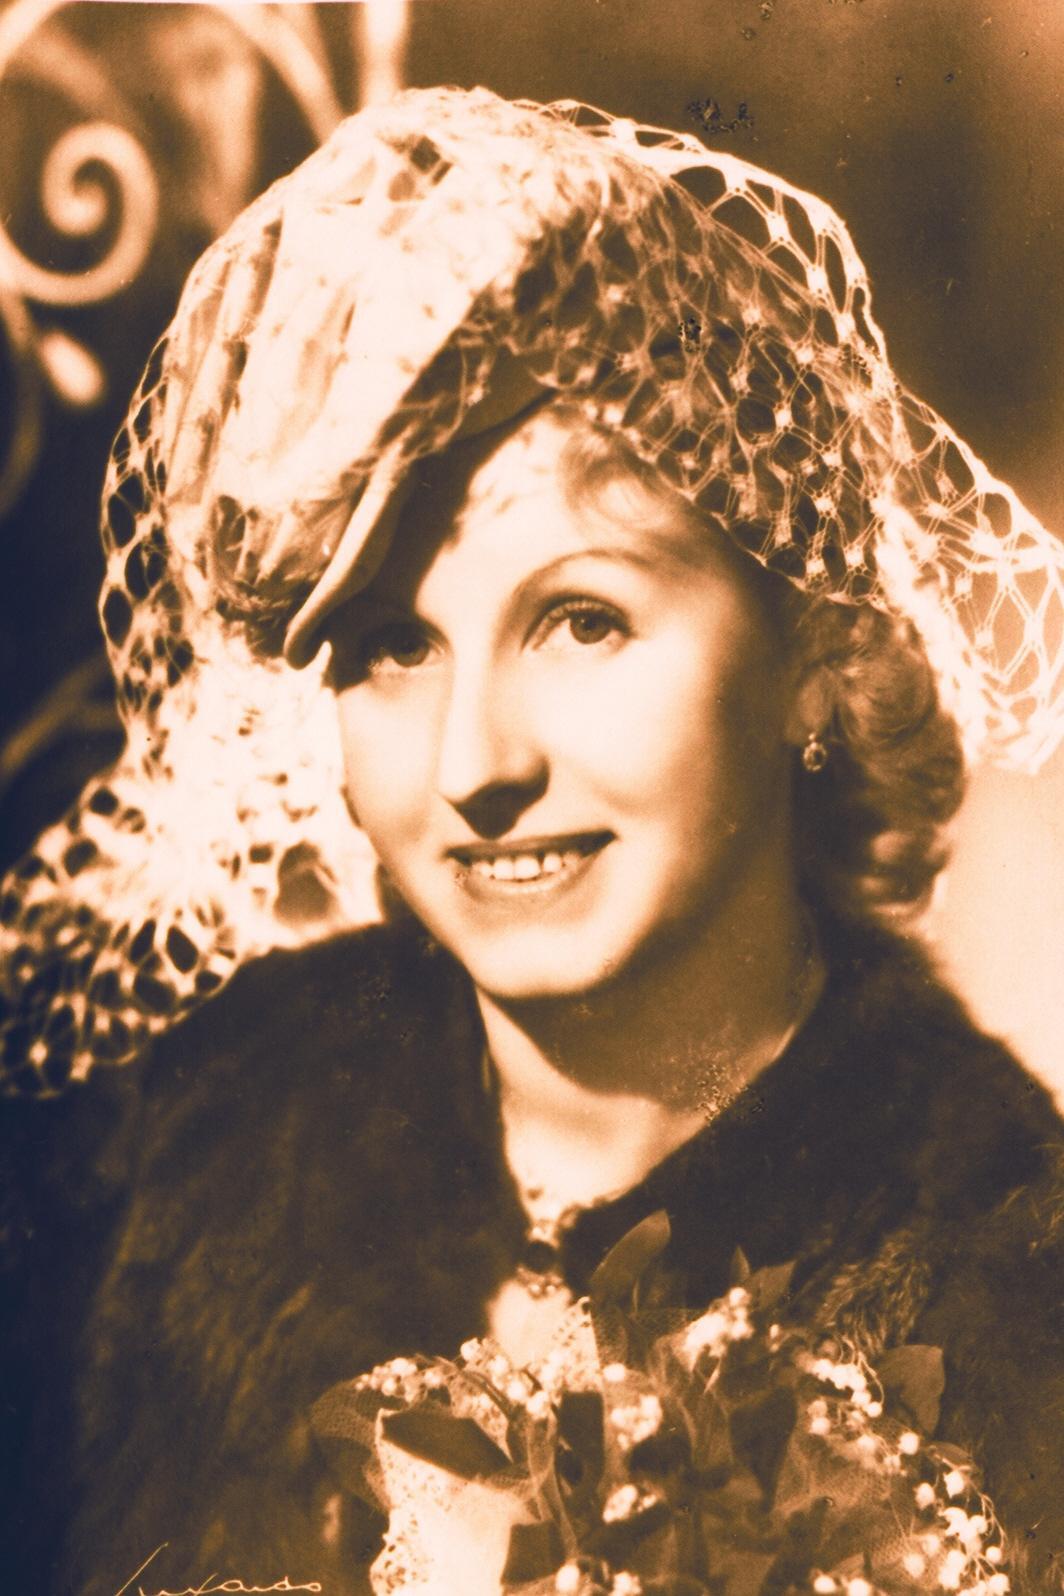 Marie Stará na svatební fotografii - březen 1948